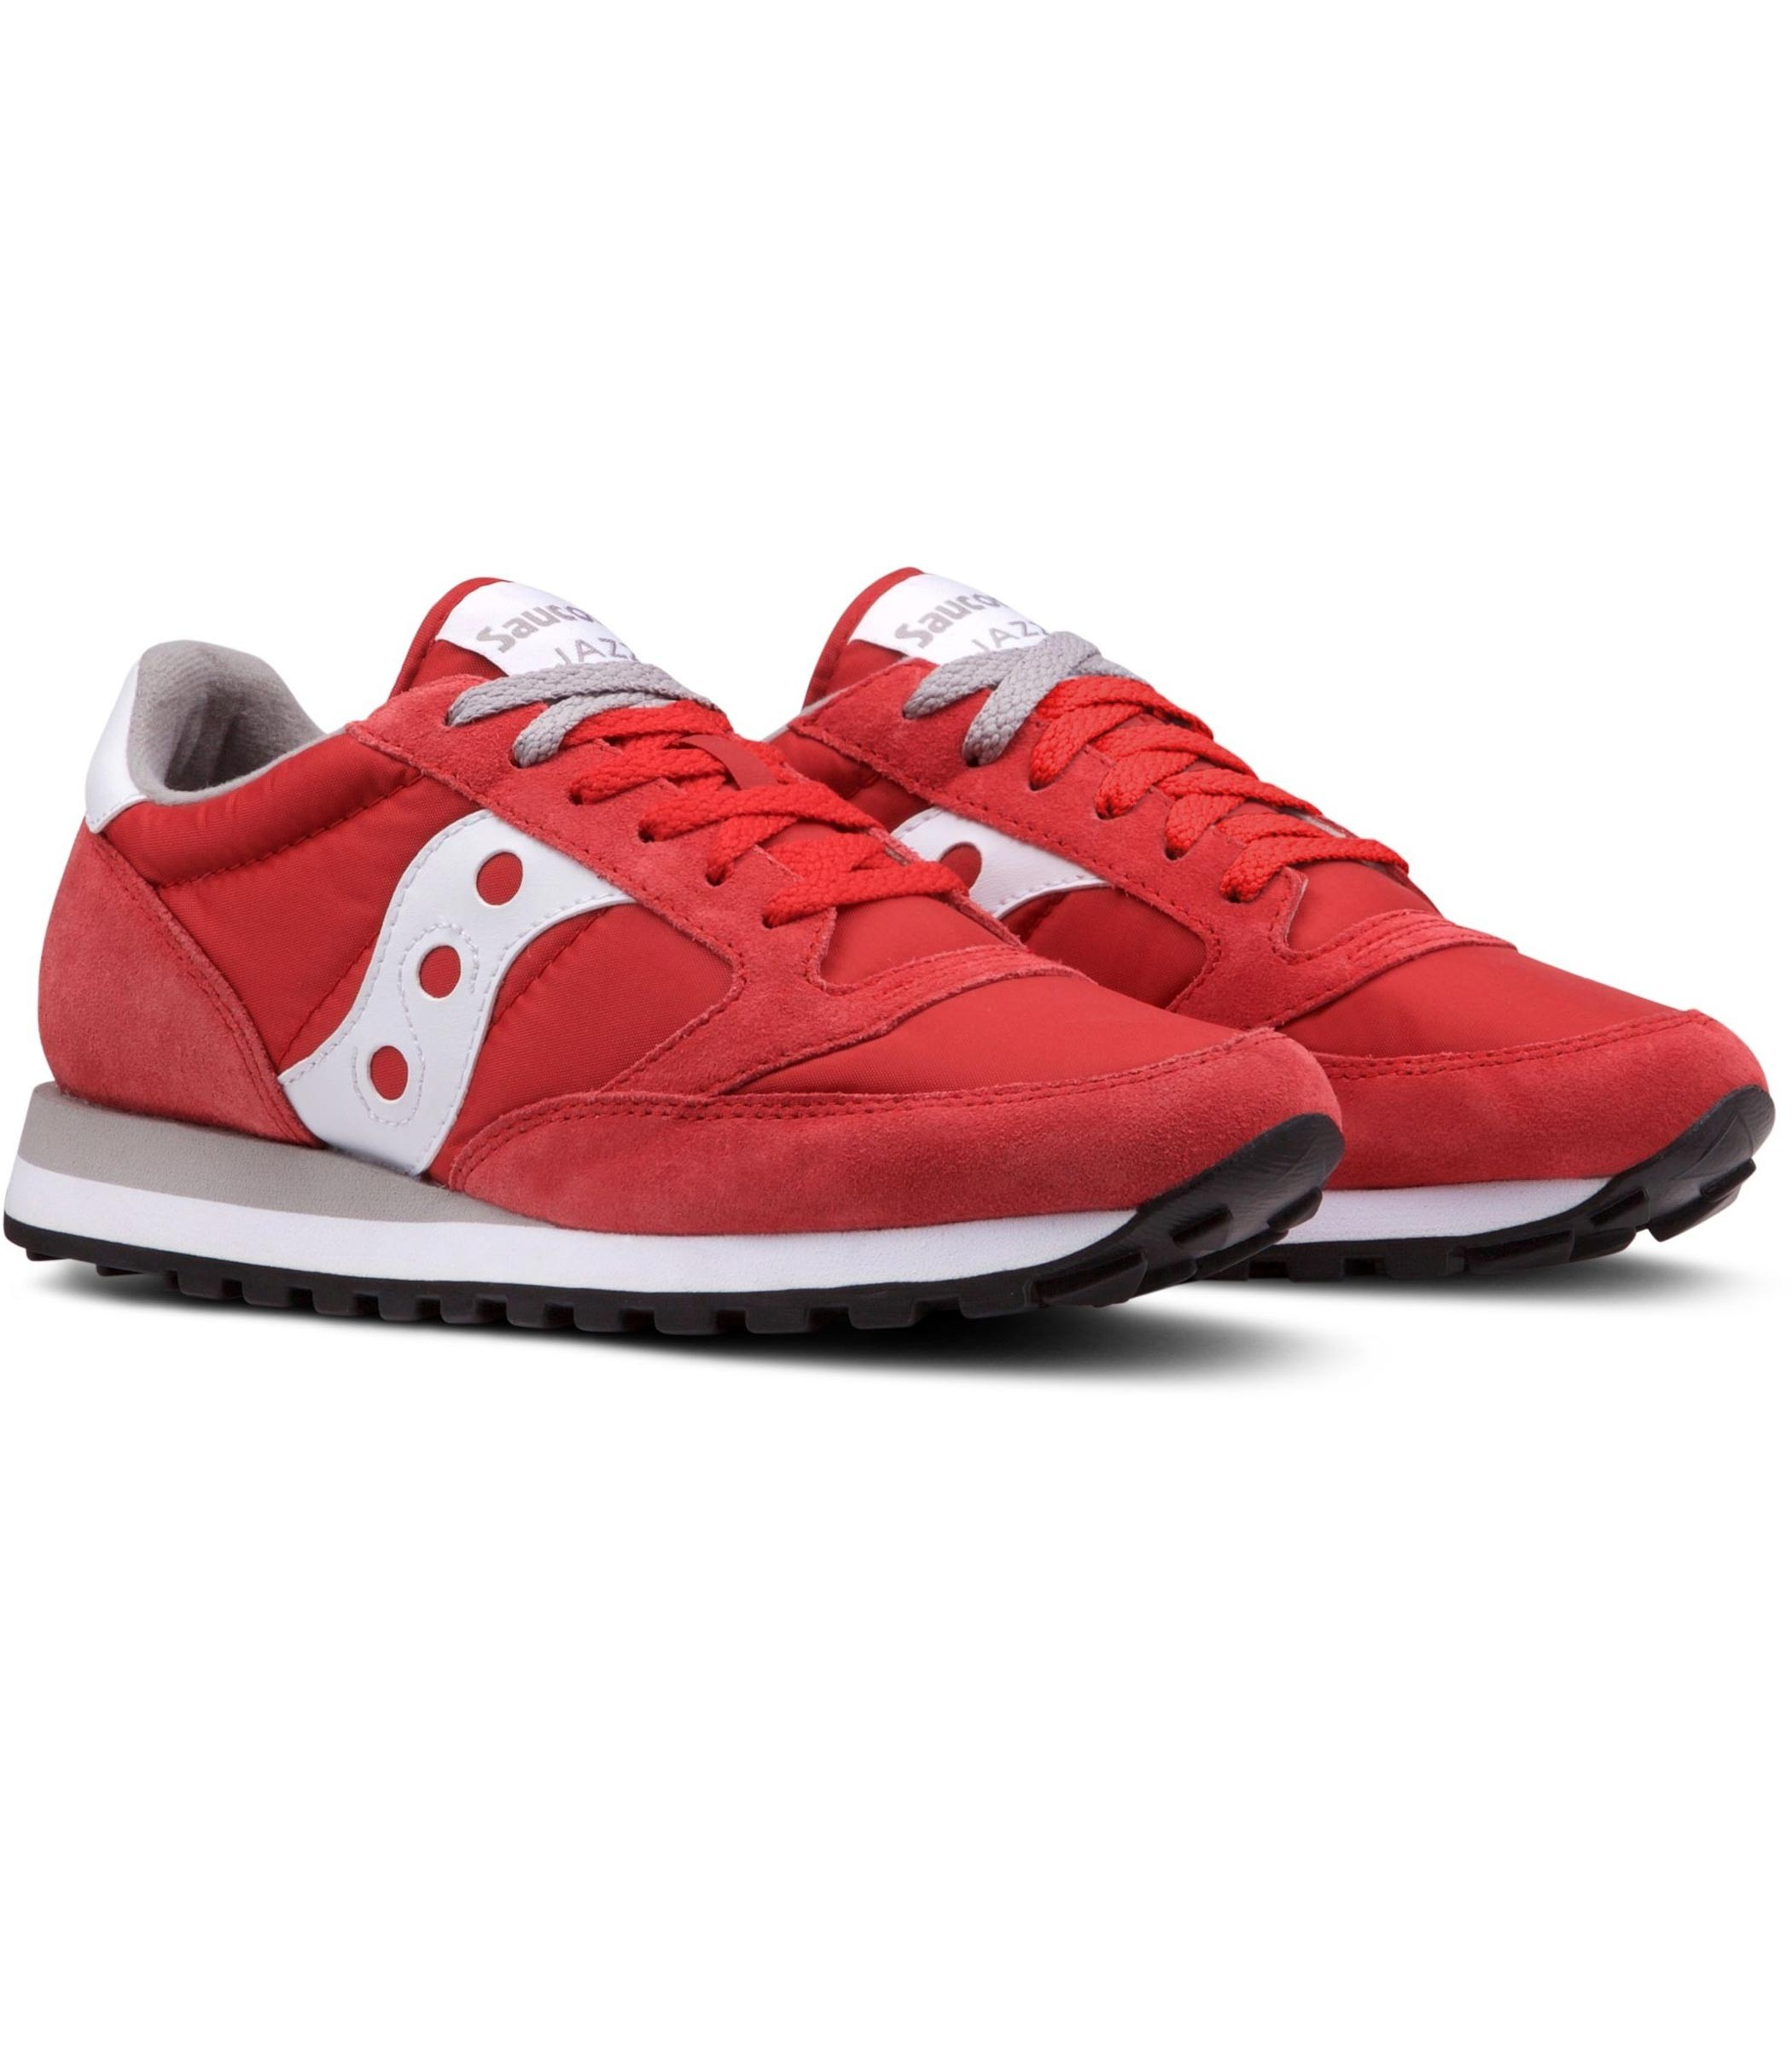 S2044 Da Sneakers Jazz Rif Original Scarpe 311 Saucony Uomo Z0ww4aIq